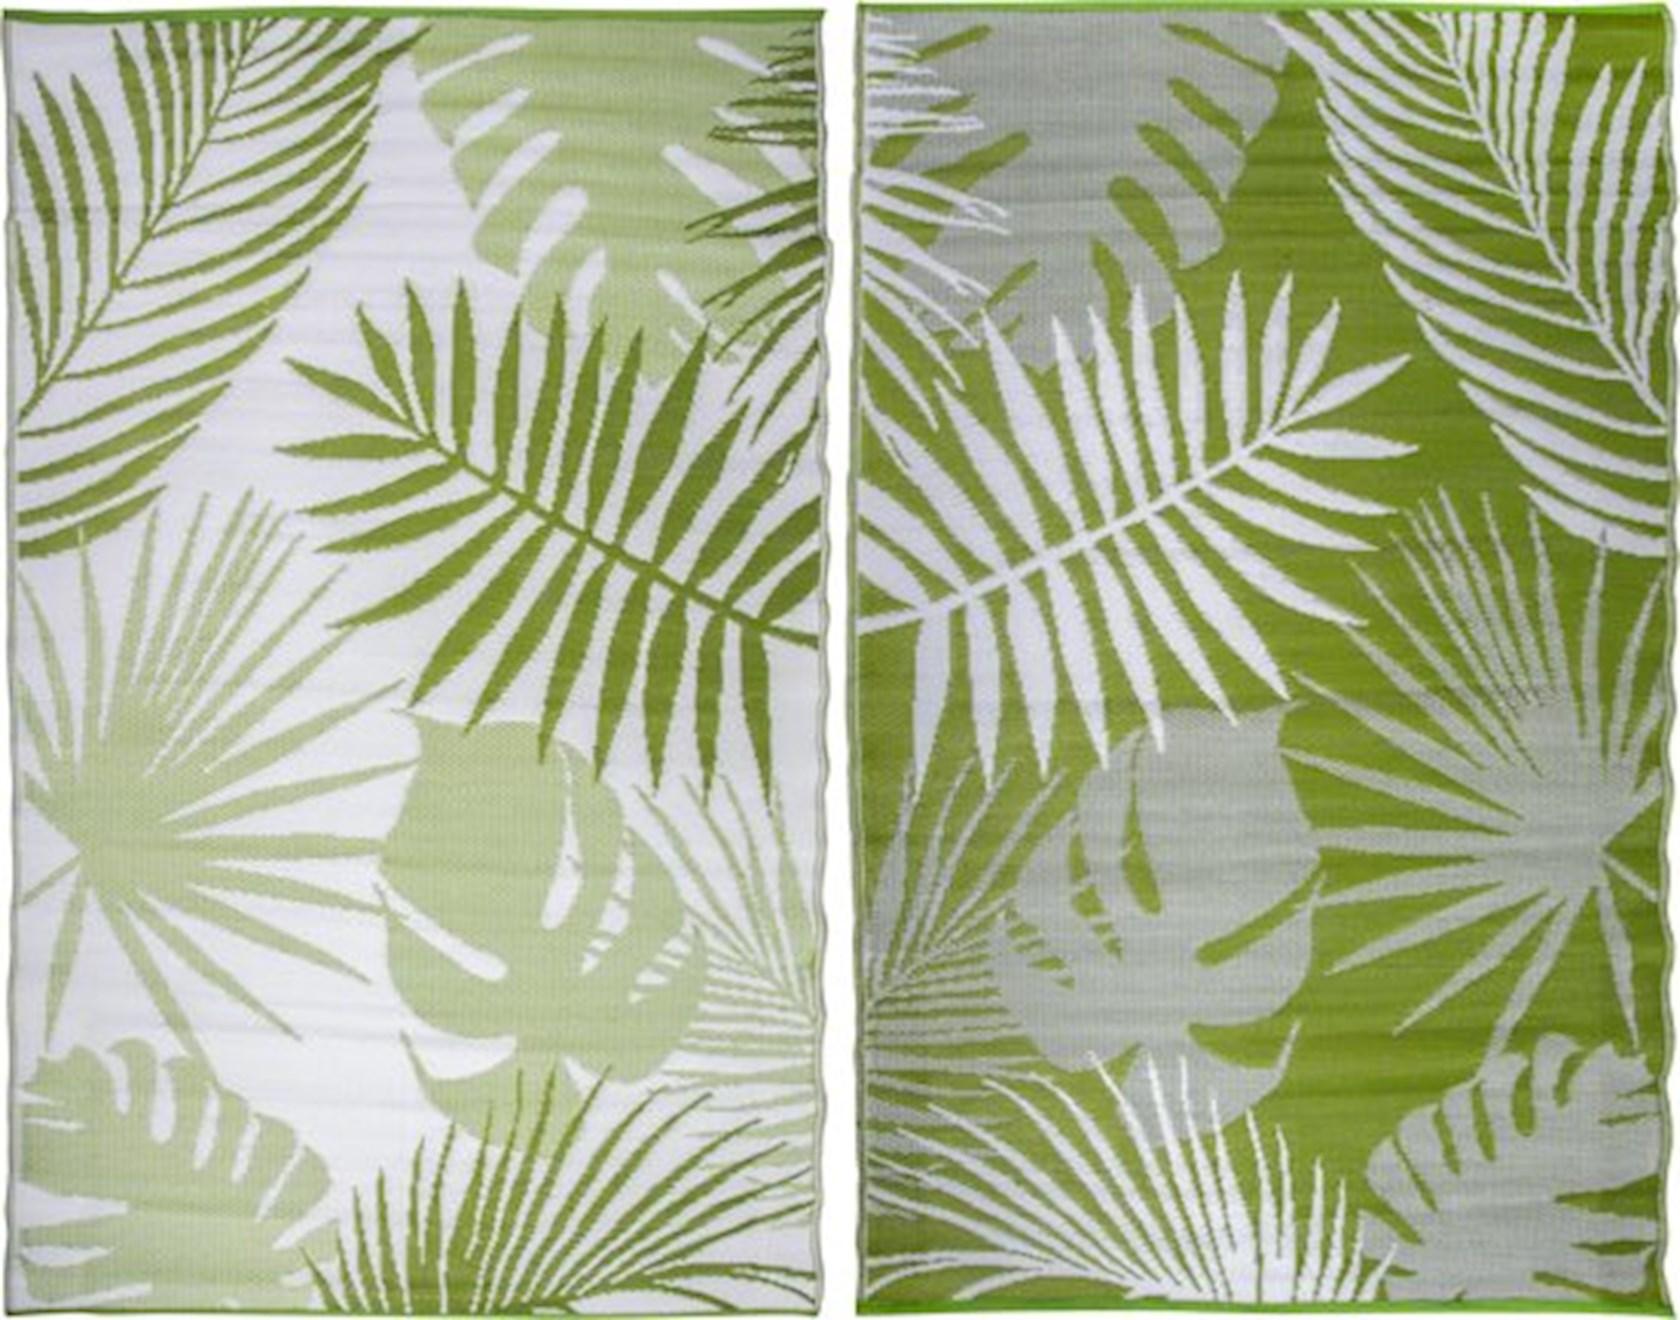 Tuintapijt jungle bladeren 240x150cm